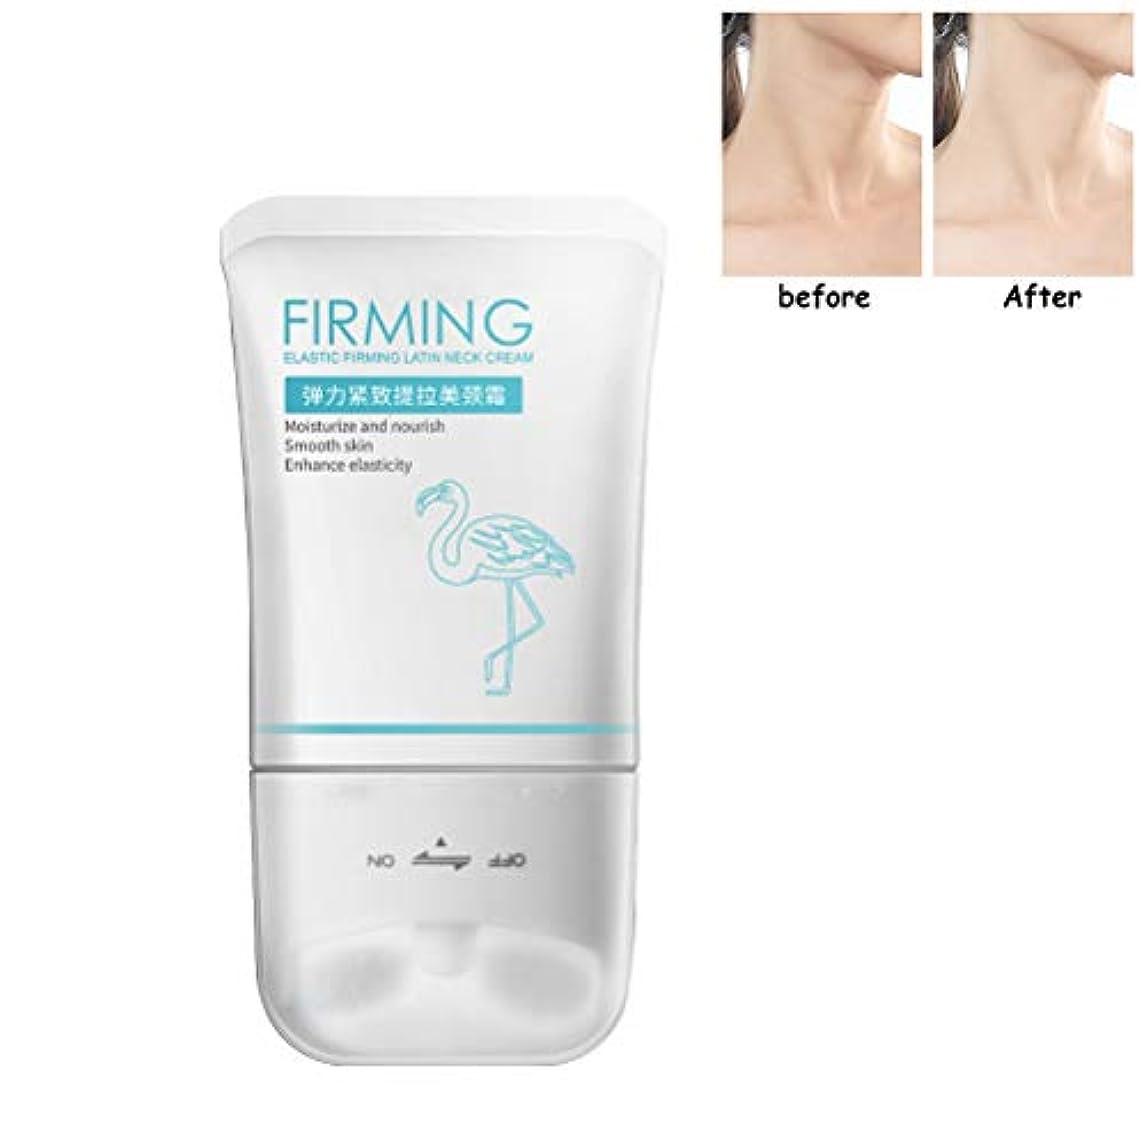 弱める疾患アリスCreacom ネッククリーム ローラークリーム しわを取り除く 補水 保湿 首紋を解消する ネックマスク スキンケア 美白 美肌 美容 保湿 栄養 ファーミング シワを防ぐ 男女兼用 120g